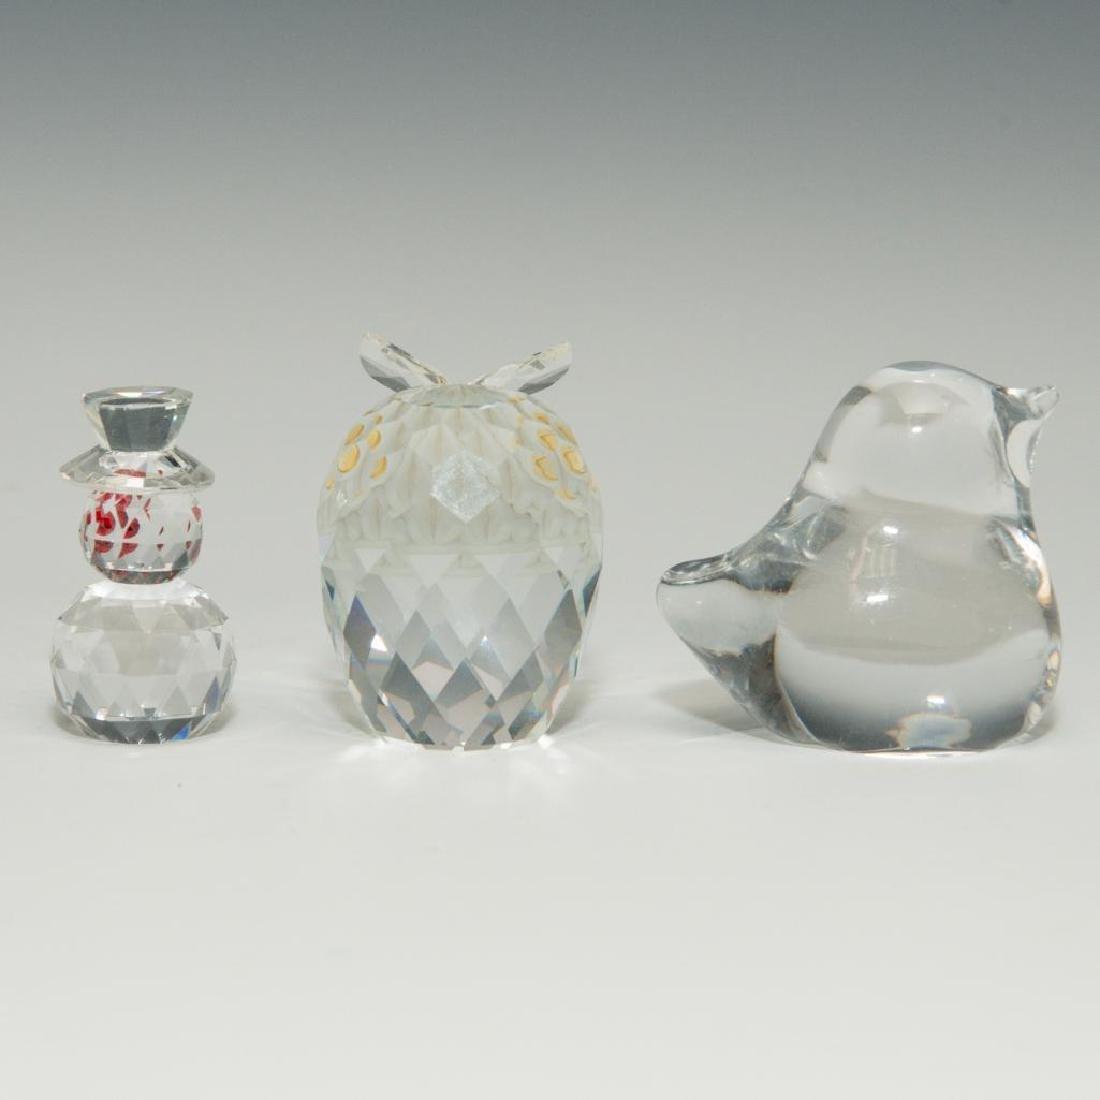 GROUP OF 3 DAUM SWAROWSKI CYRSTAL GLASS PAPERWEIGHT - 2